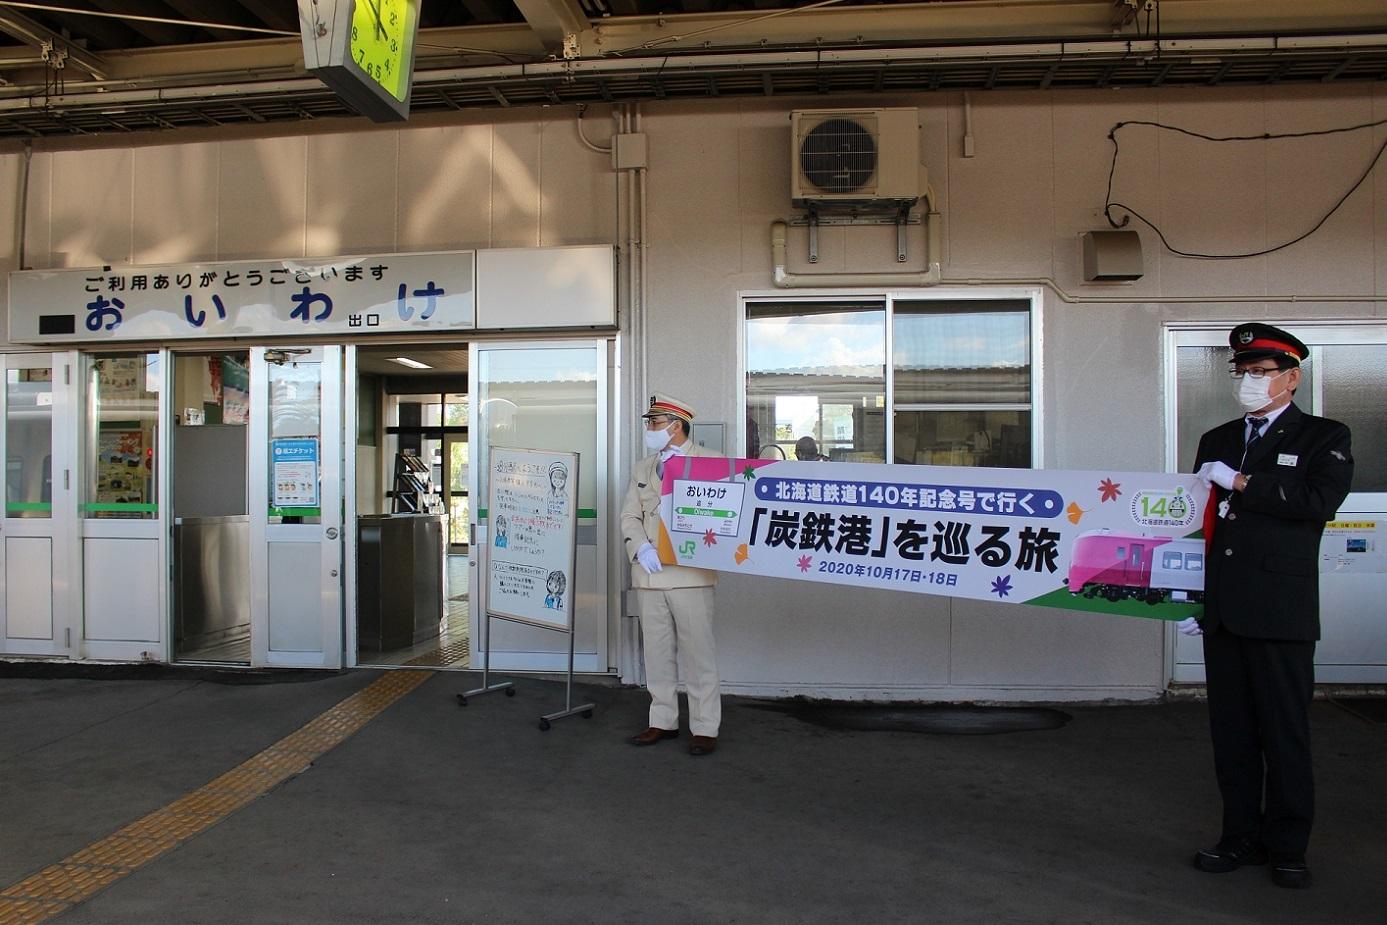 はまなす北海道鉄道140周年記念号a115